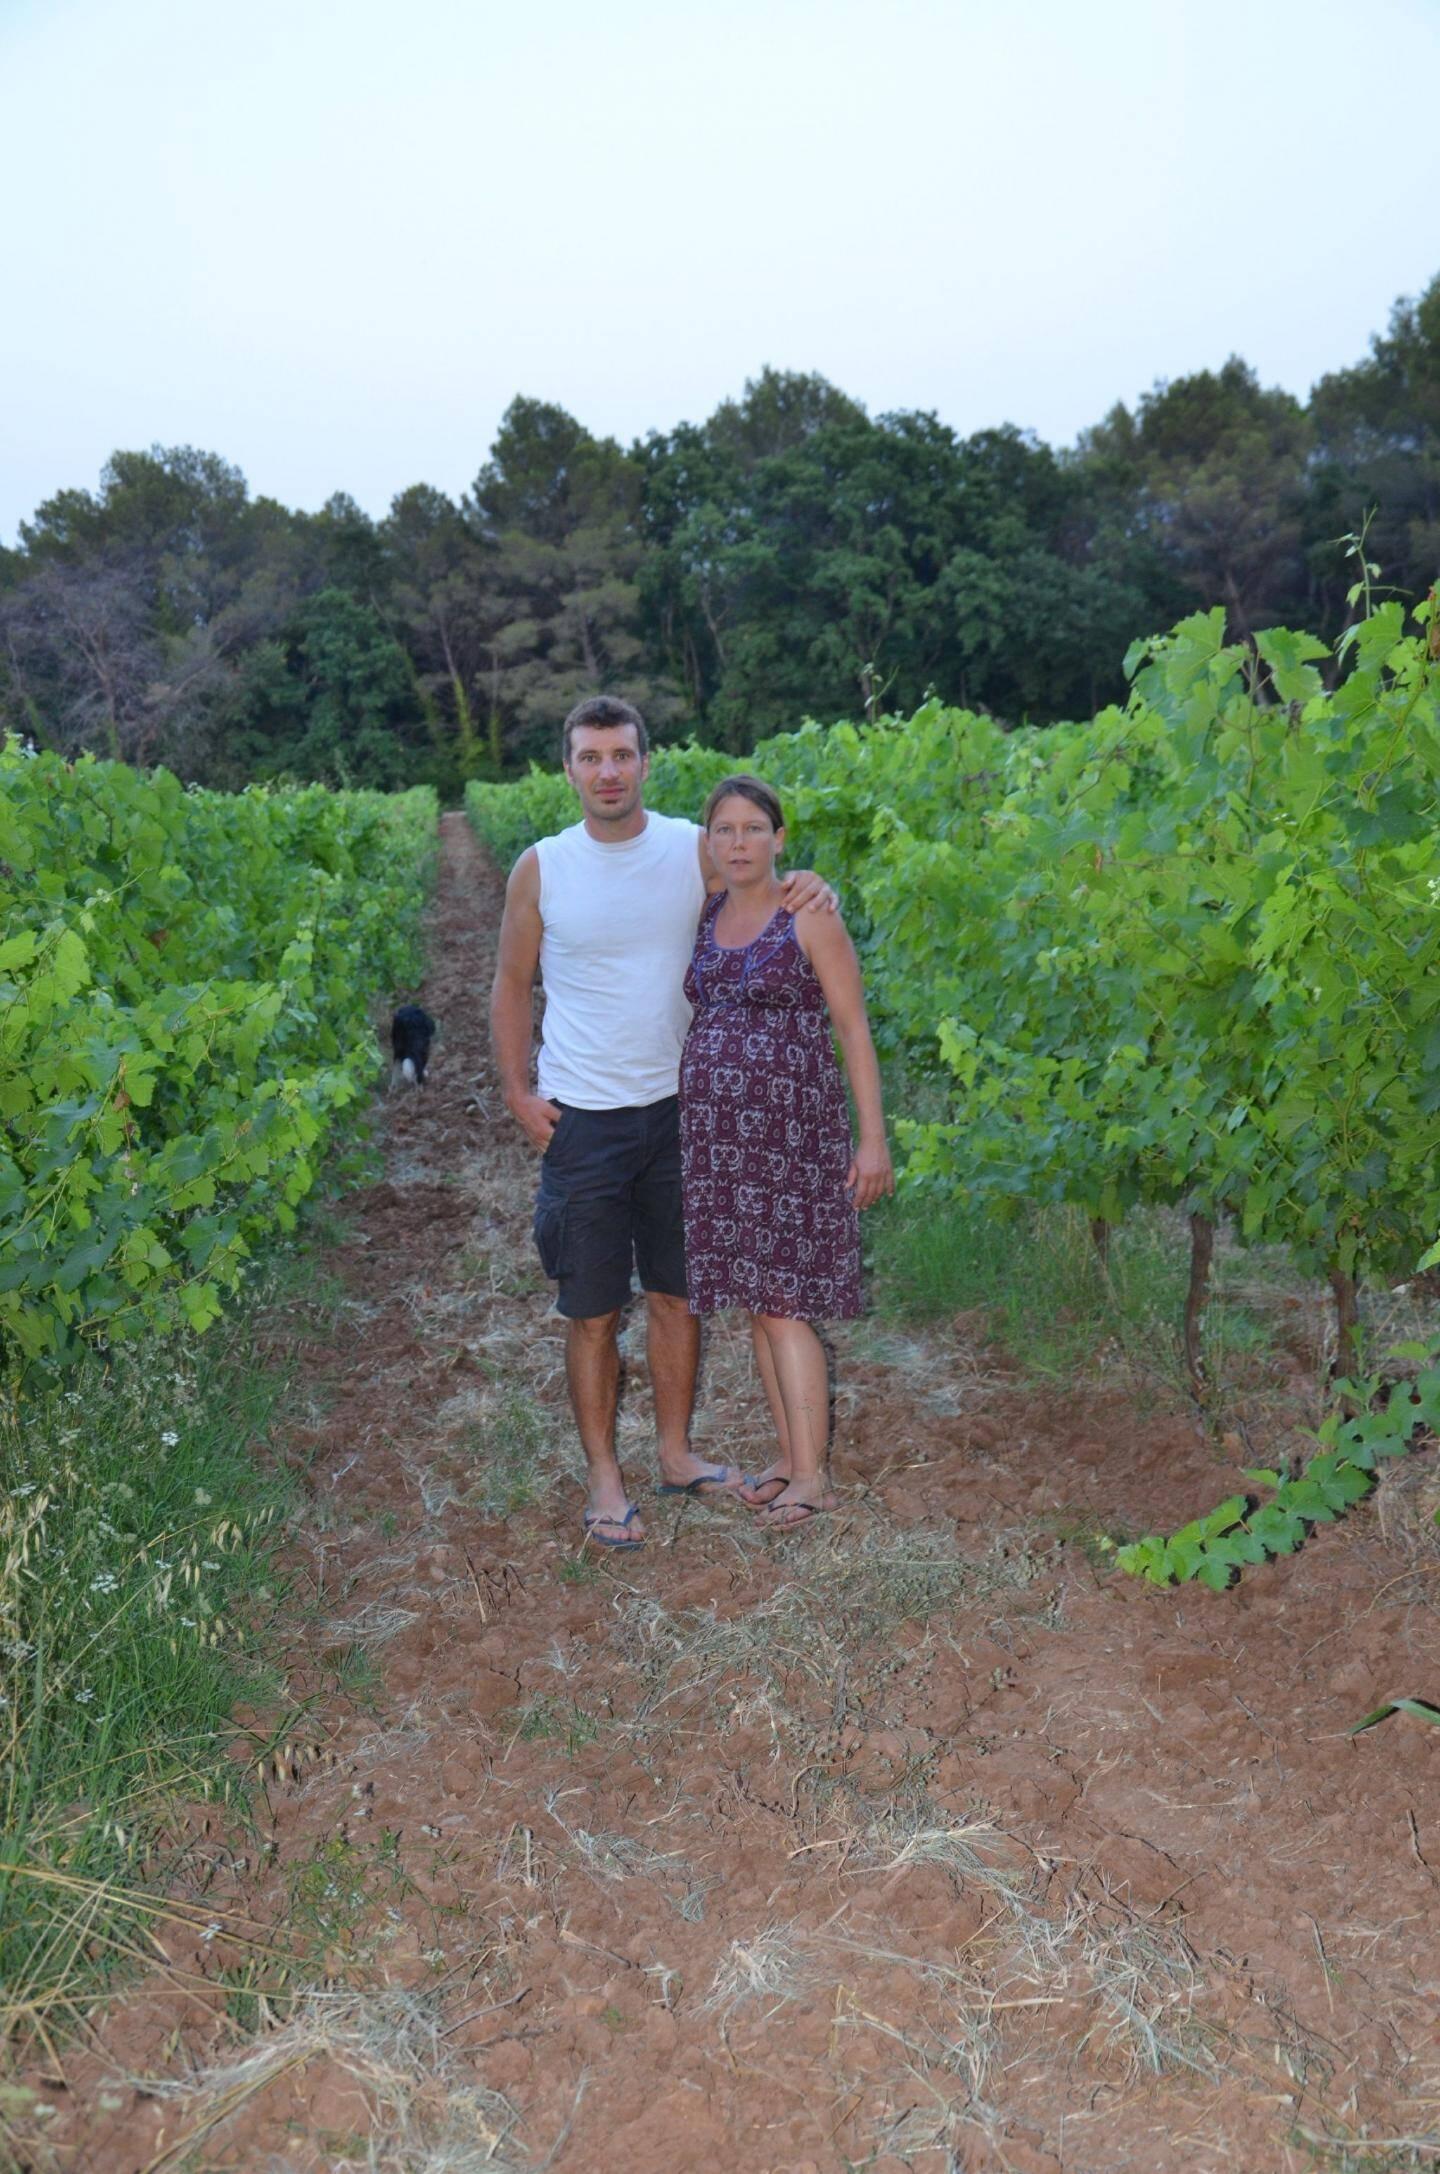 Avec son mari, Fanny Marchal veut élever des insectes à côté de ses vignes. Elle a déposé un dossier, il y a quelques mois auprès de la Direction départementale de la protection des populations. Elle a encore beaucoup de paperasse à gérer.